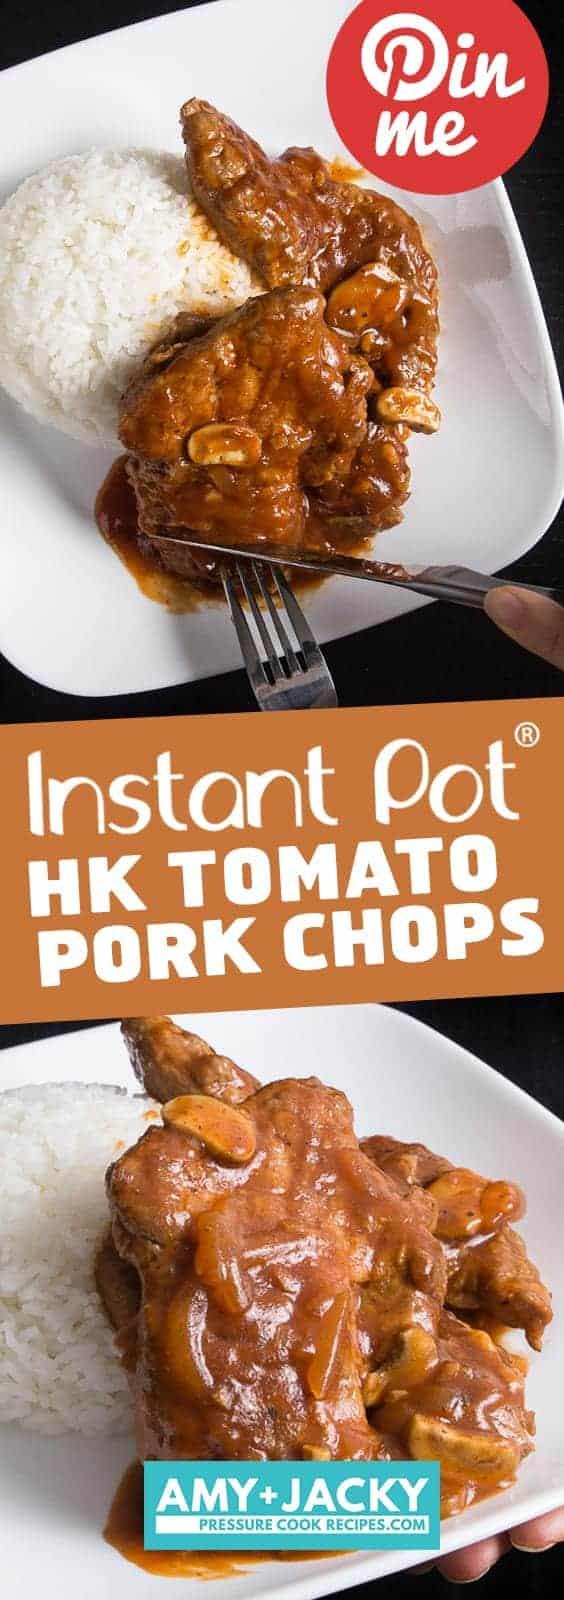 Instant Pot Hk Tomato Pork Chops Tested By Amy Jacky